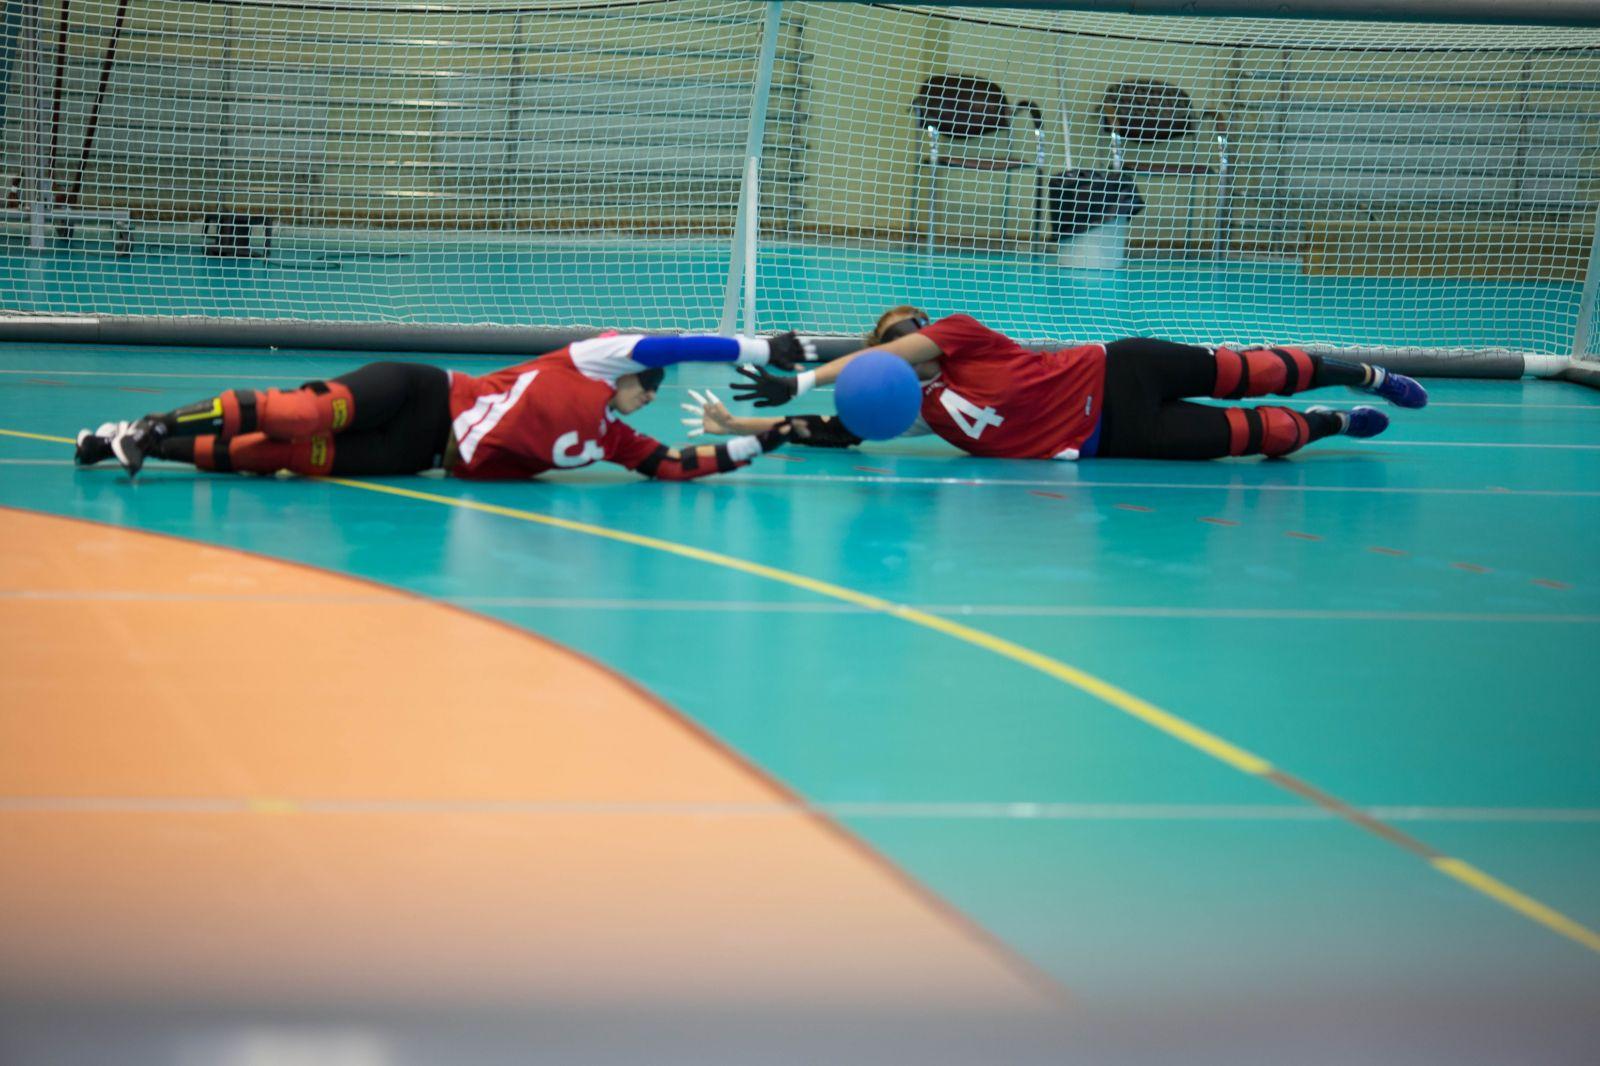 В Раменском стартовал чемпионат России по голболу спорта слепых